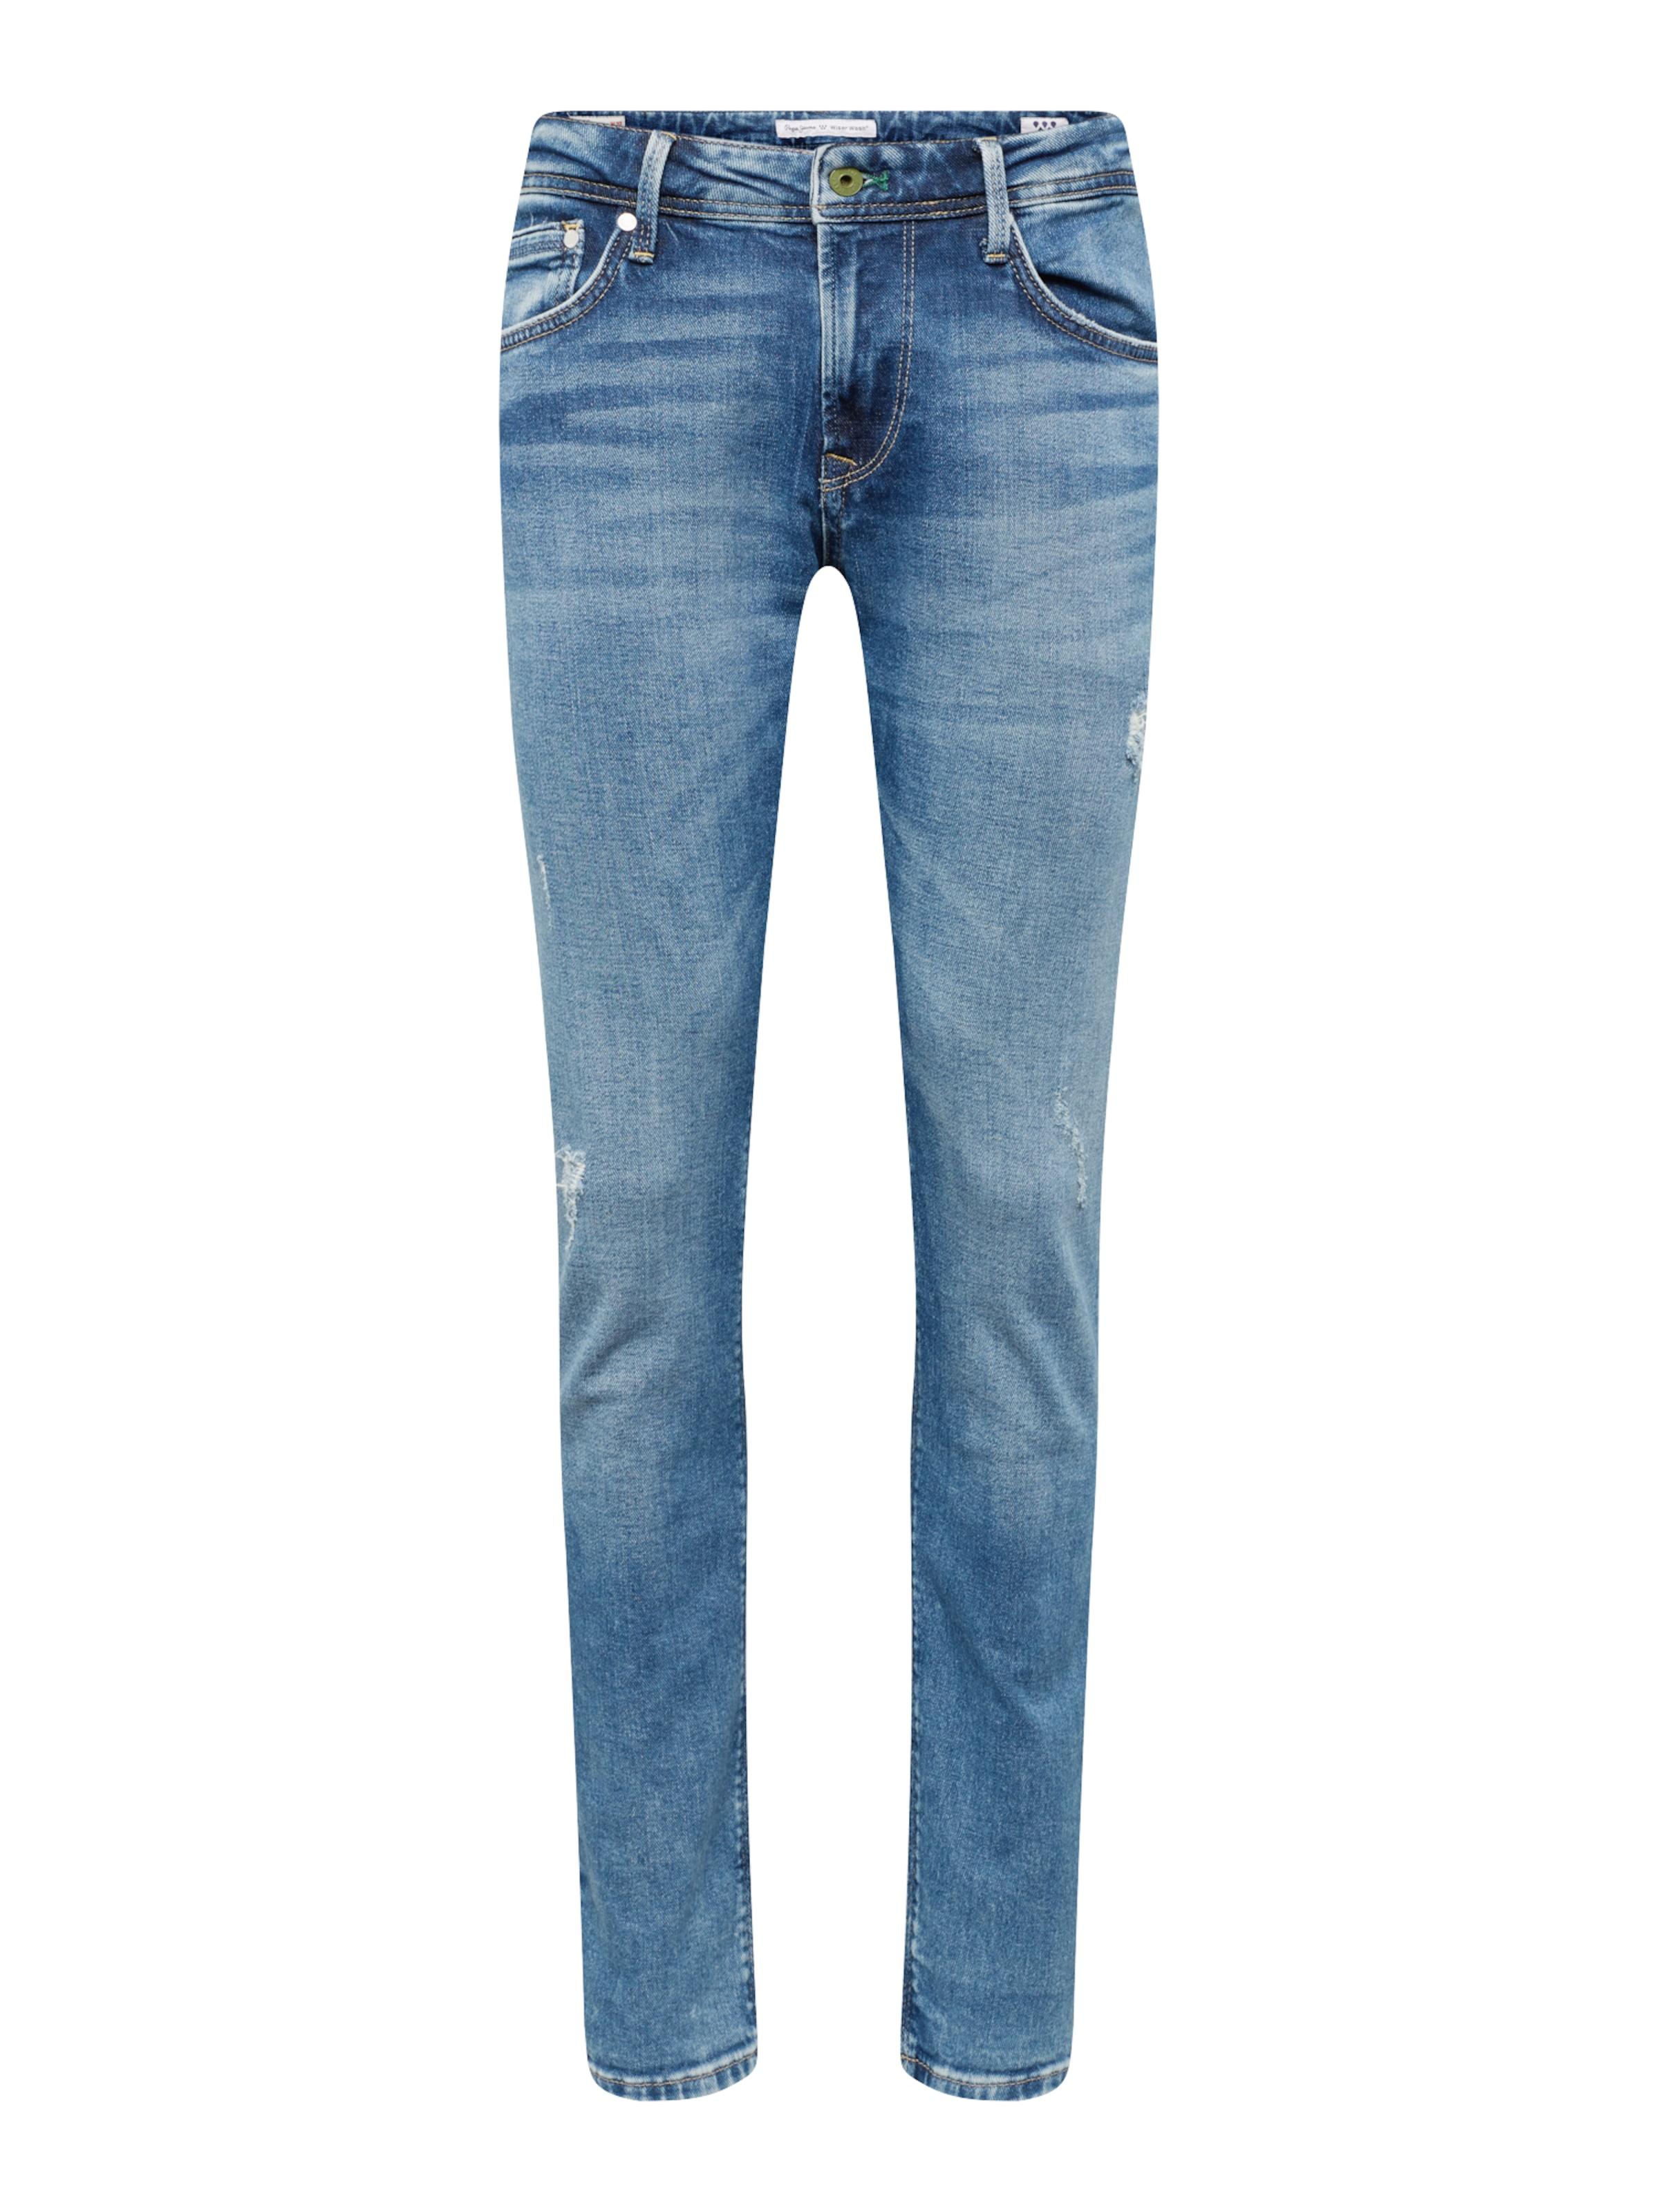 Pepe Jean Denim En Bleu Jeans 'stanley' c3FlKT1J